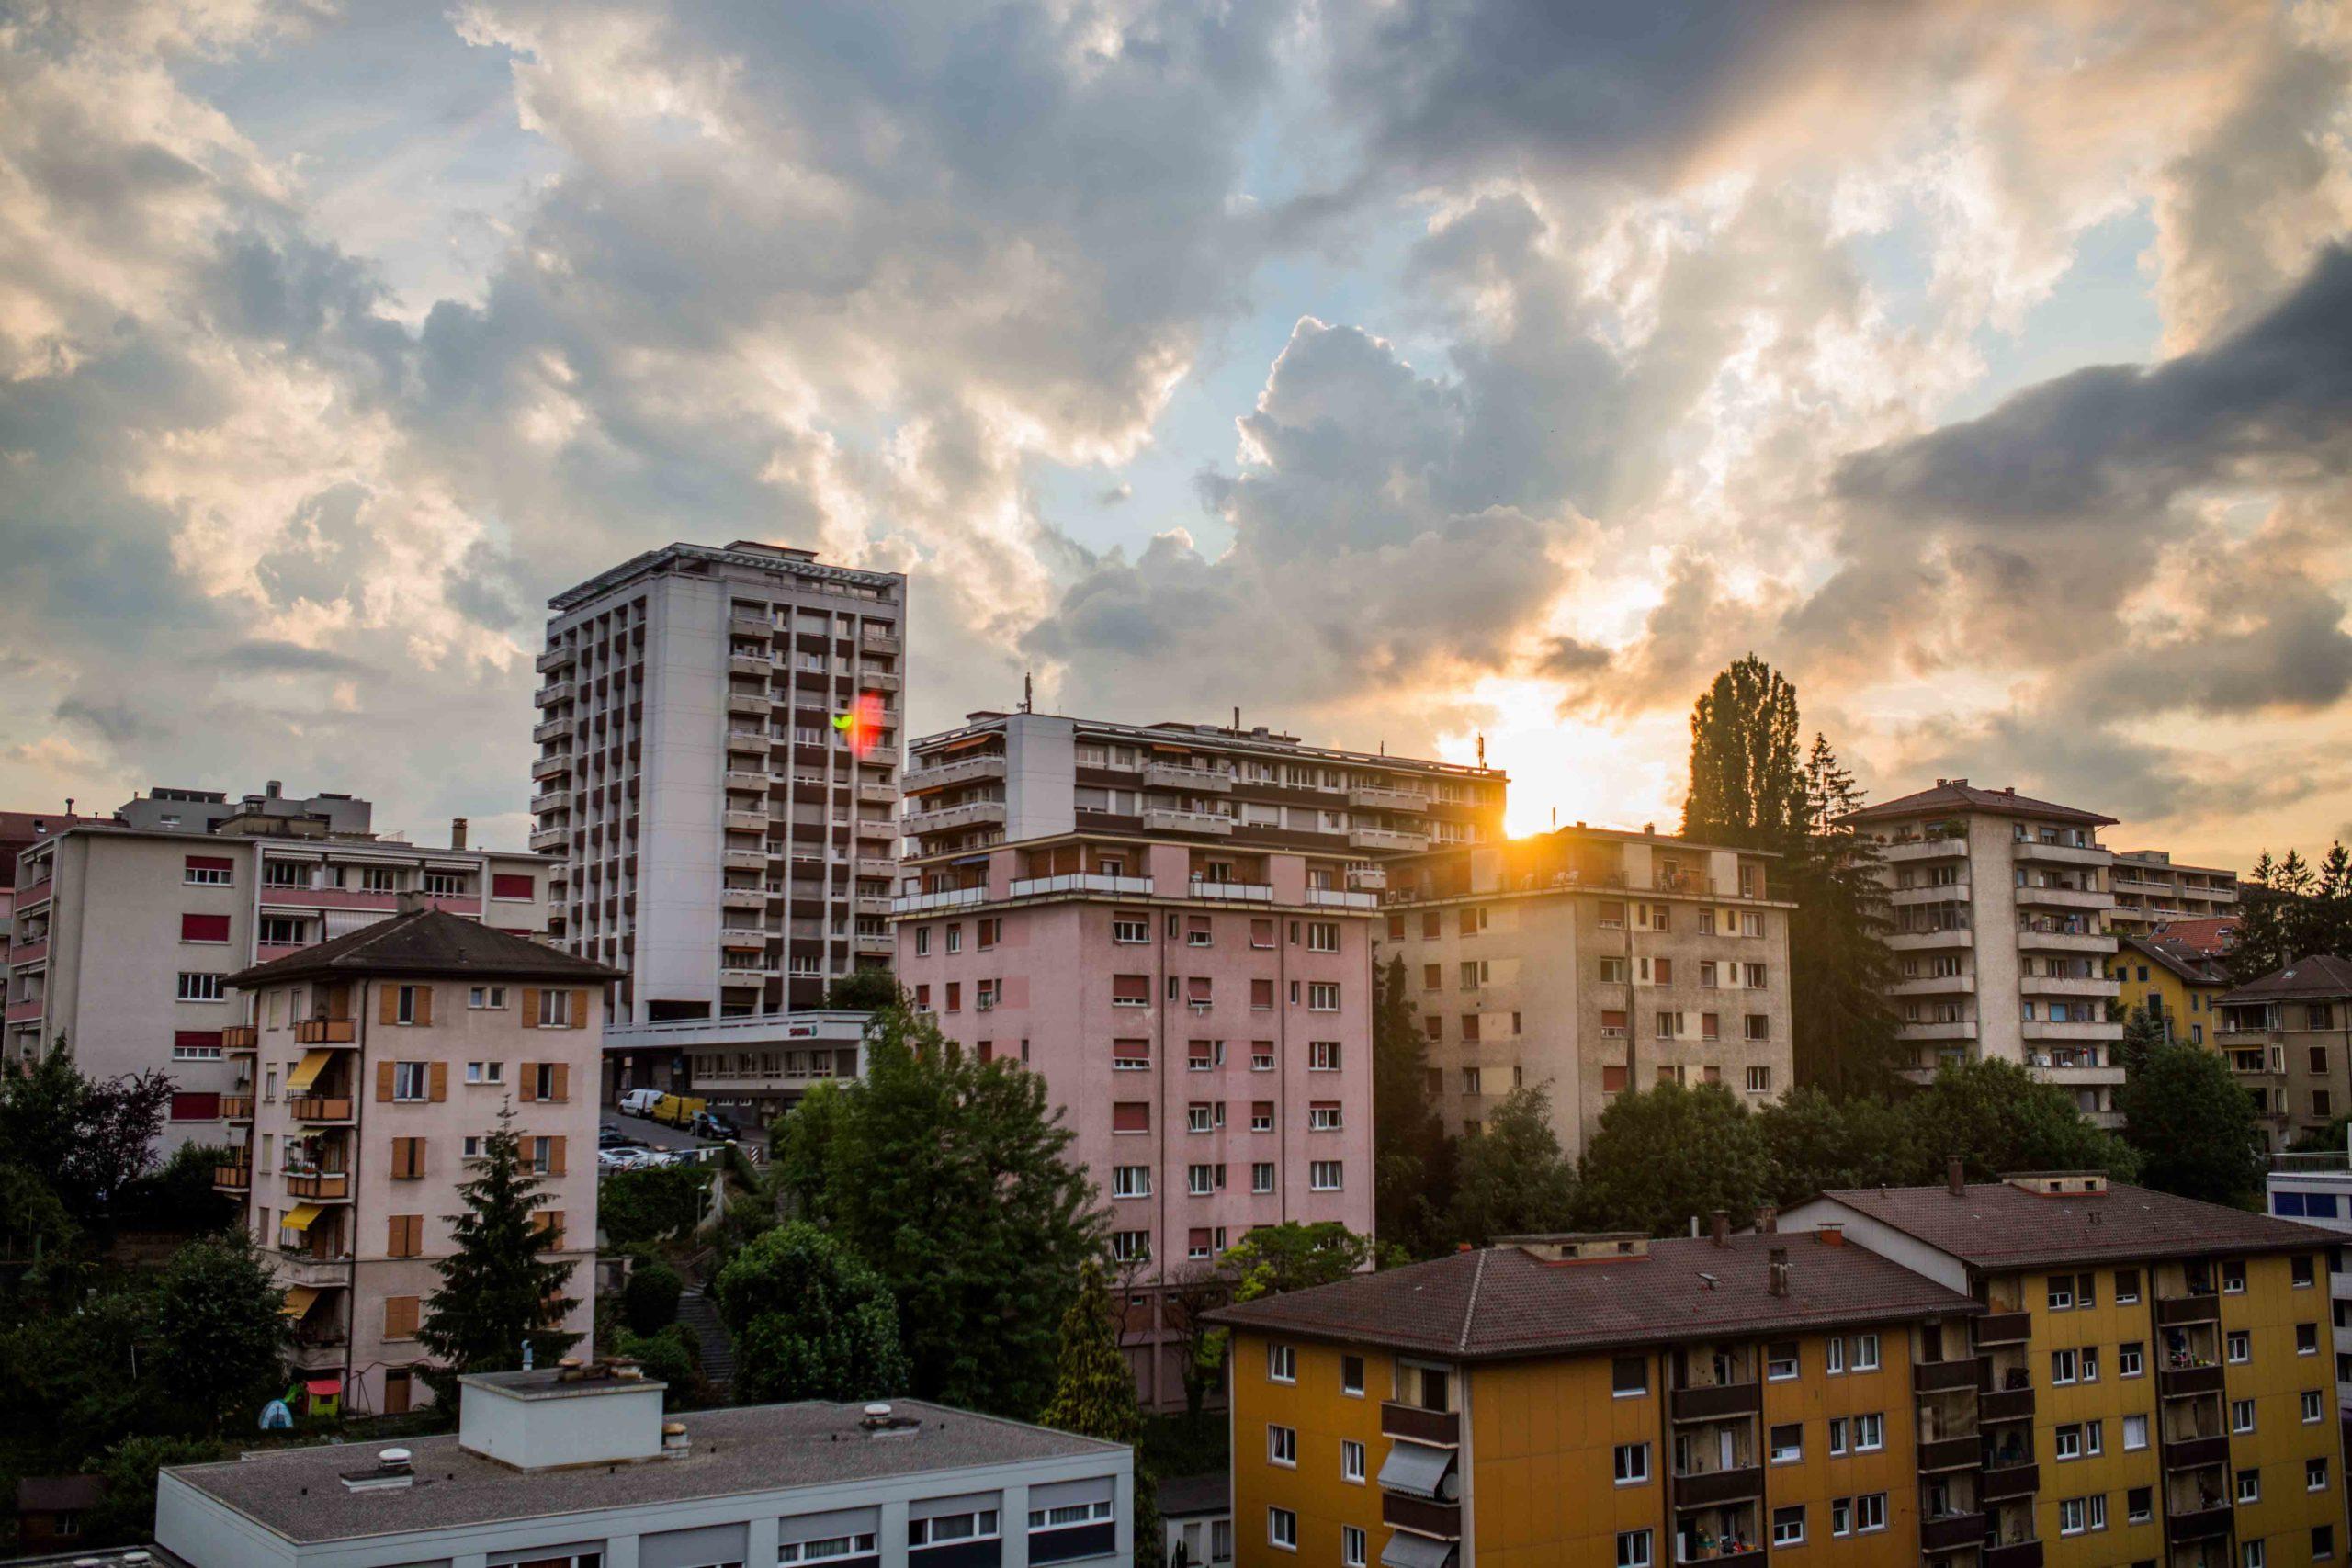 multifamily housing at sunset